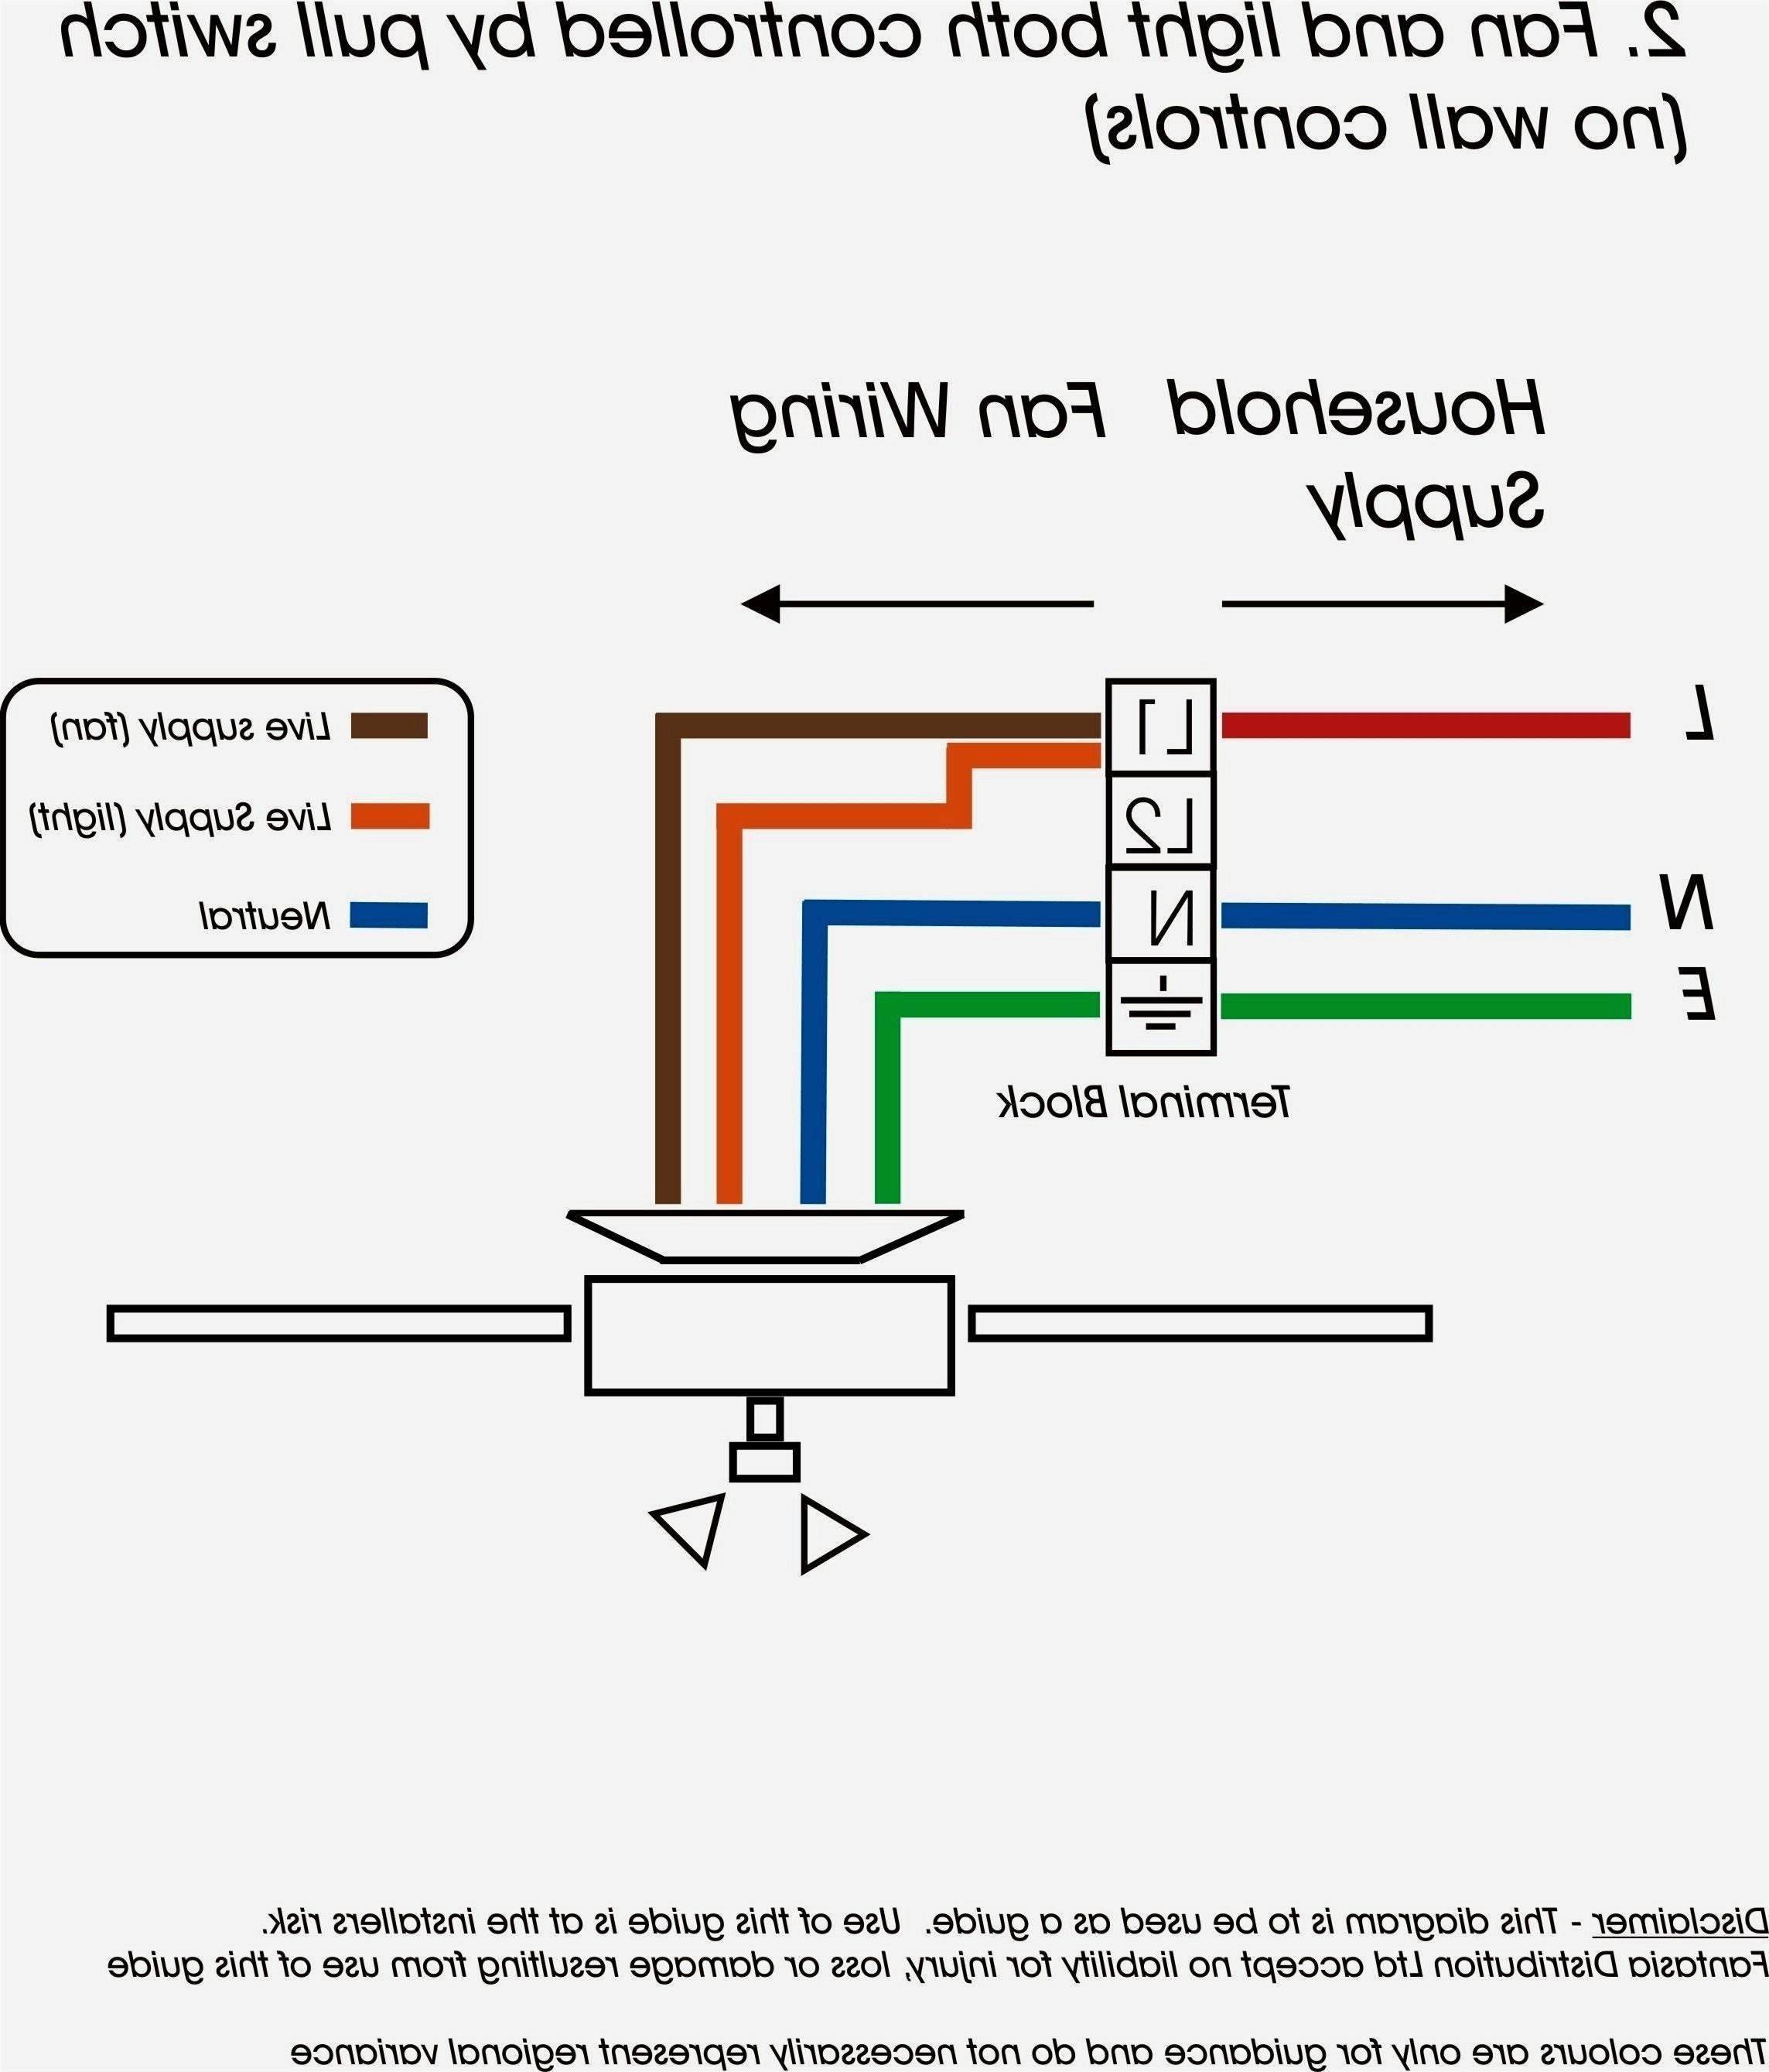 lithonia lighting wiring diagram wiring diagram lithonium lighting wiring diagram lithonia led wiring diagram 277v ballast wiring diagram lithonia lighting wiring diagram